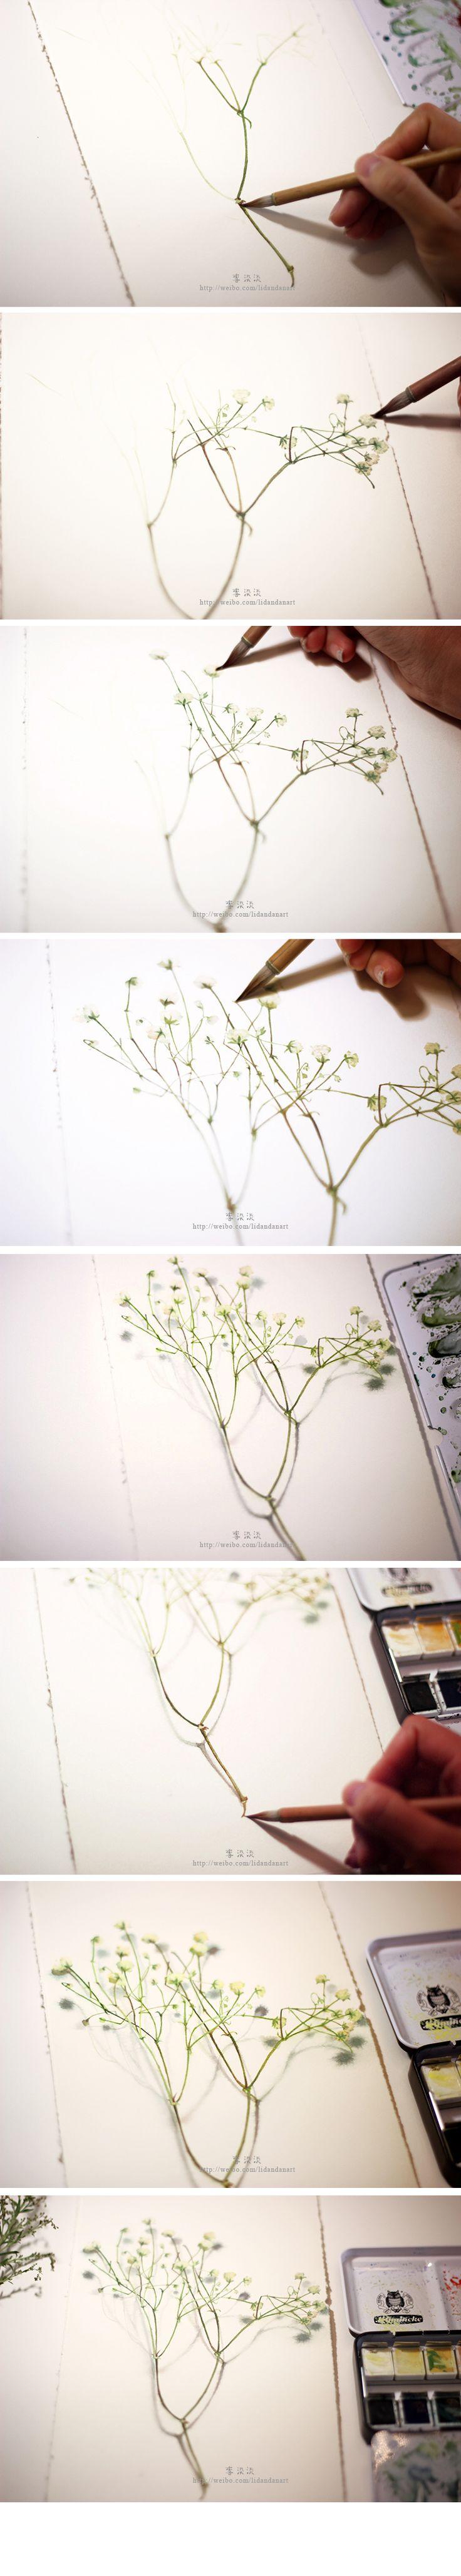 之前画的一些植物,再分享一下常用的画具~♡_涂鸦王国 原创绘画平台 www.poocg.com